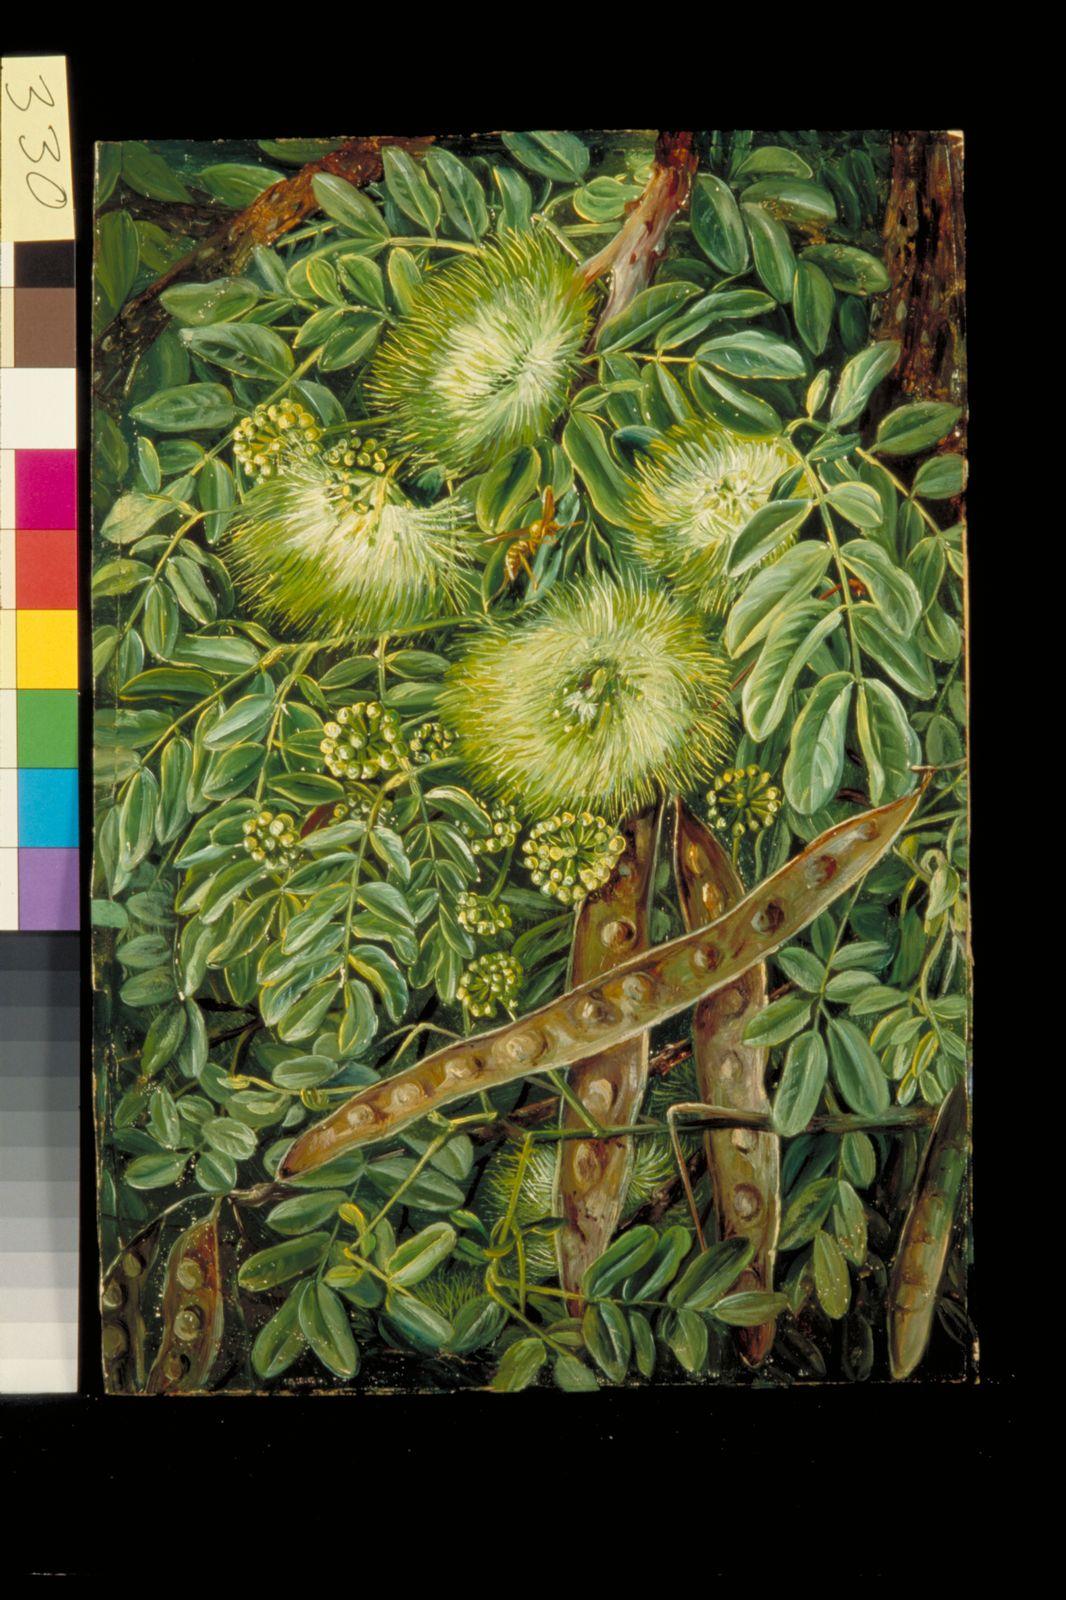 Albizia Lebbeck L Benth Plants Of The World Online